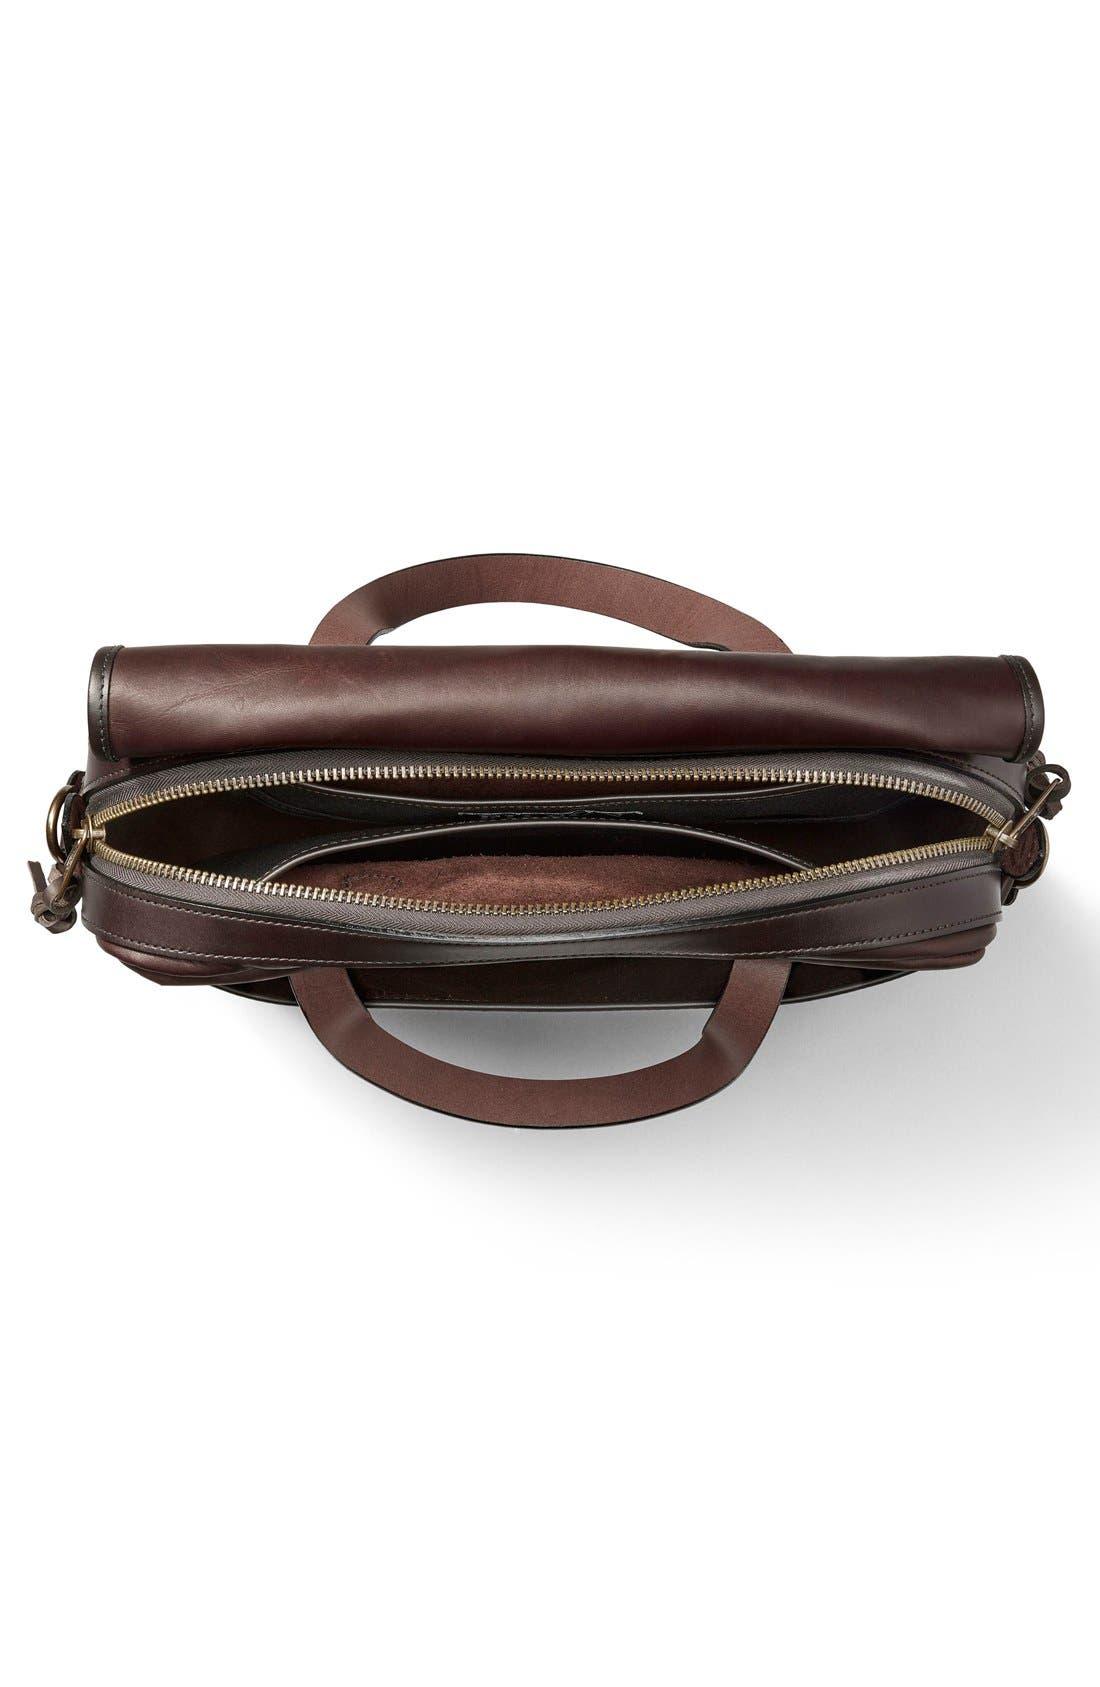 Weatherproof Leather Briefcase,                             Alternate thumbnail 3, color,                             Sierra Brown